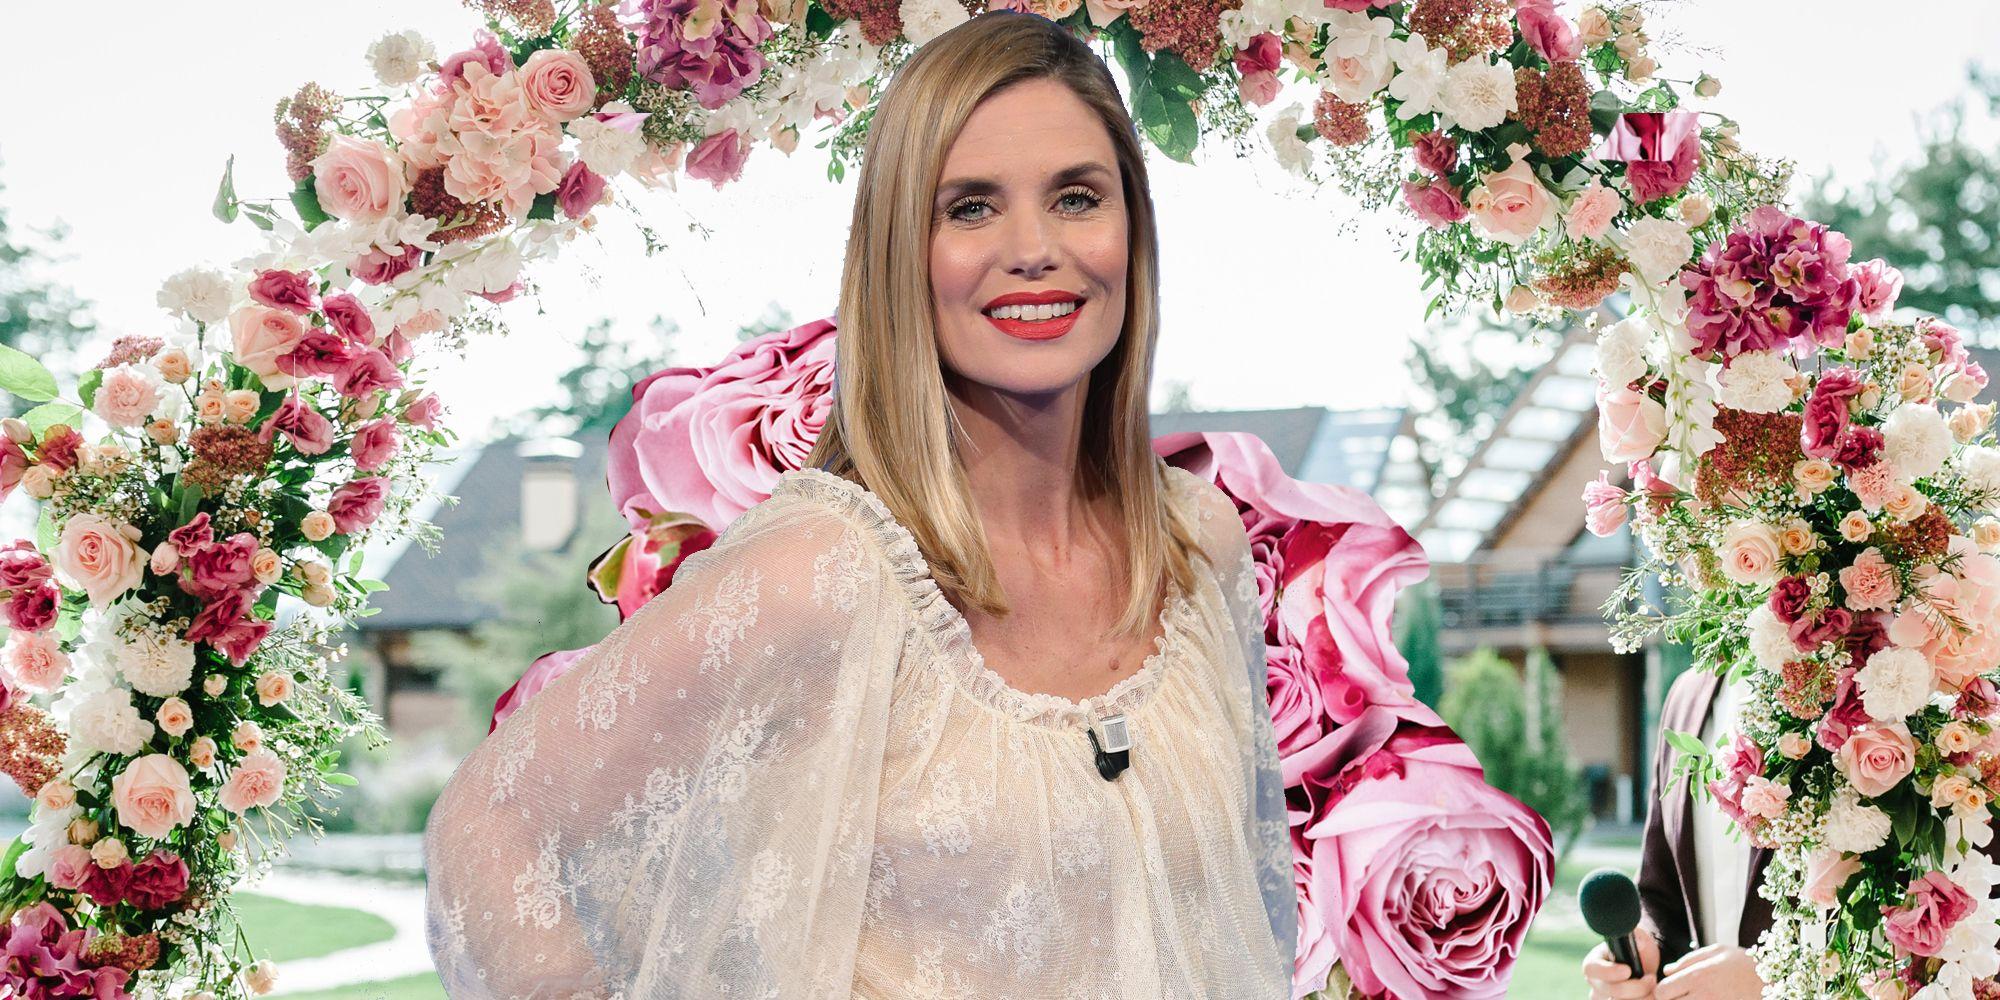 b92d2479e3 Filippa Lagerback in abito da sposa è angelica e soave